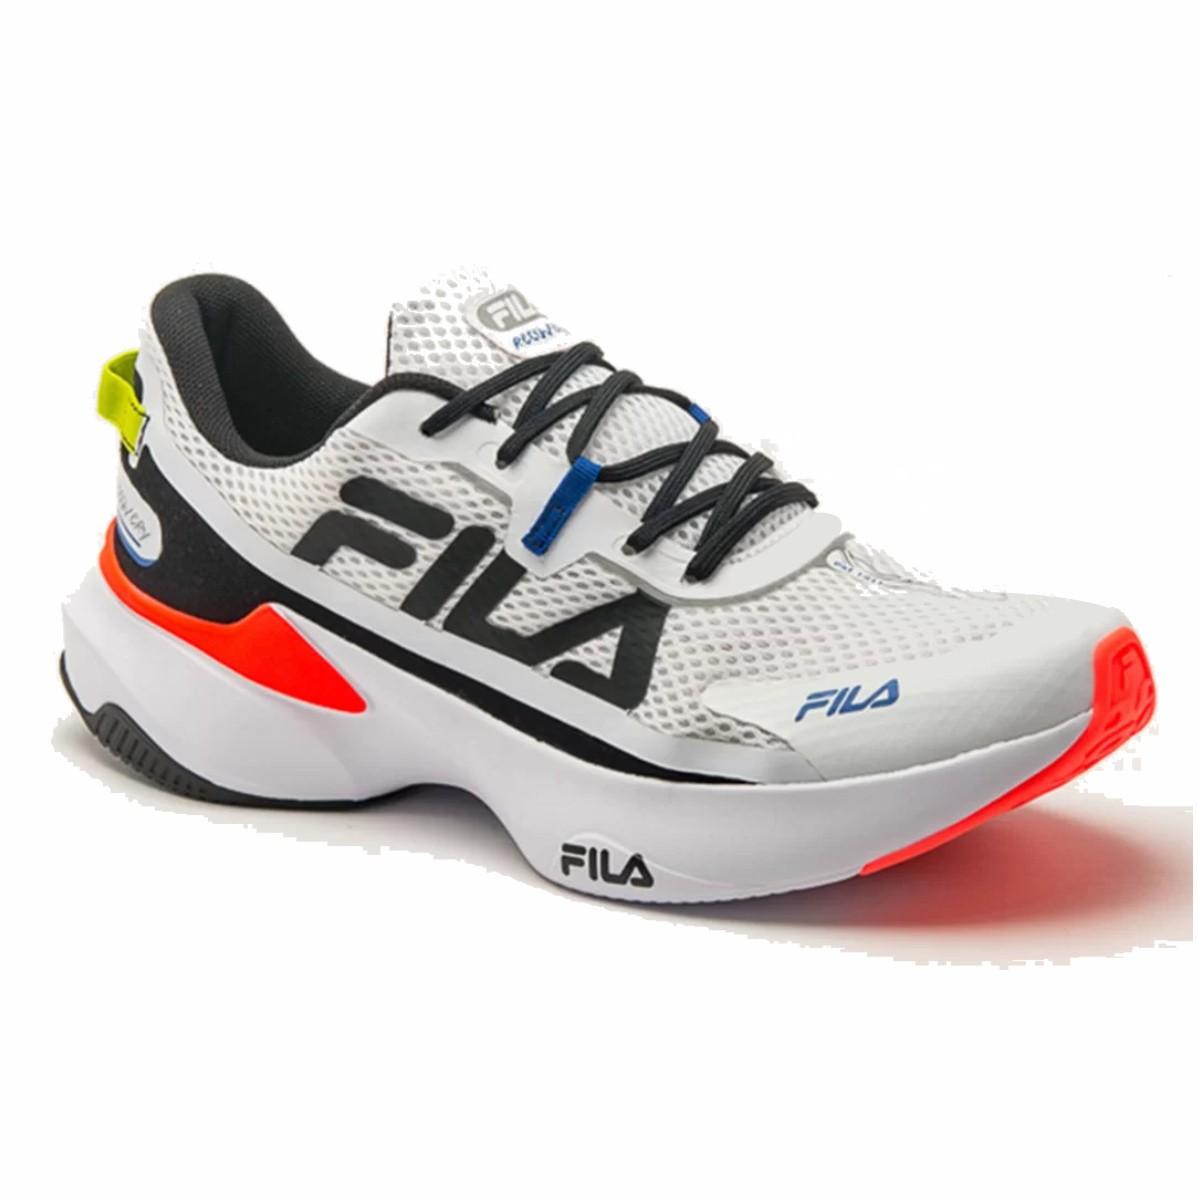 Tenis Fila Recovery Masculino Running Trainning